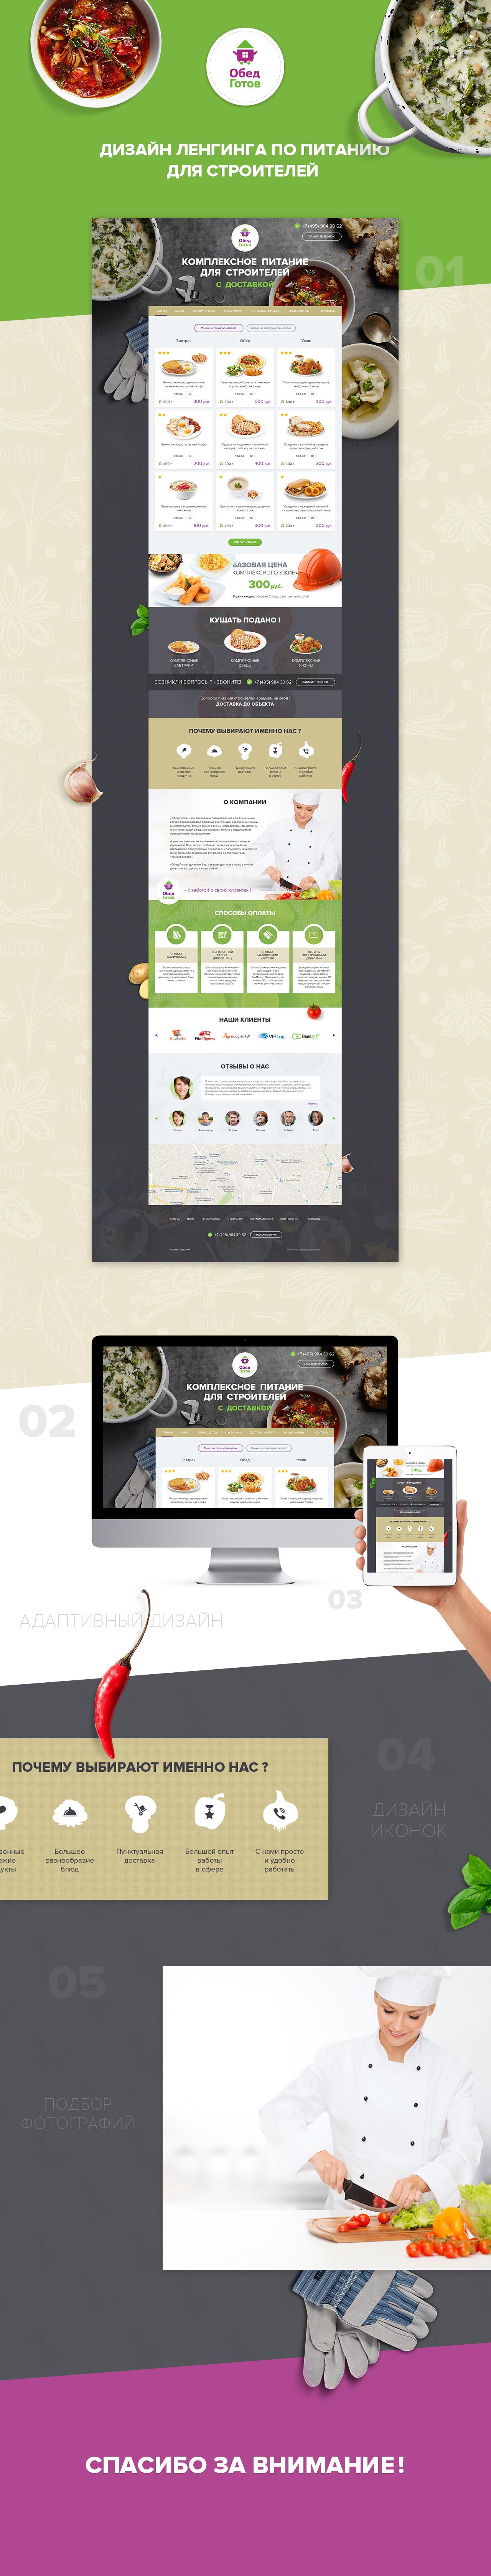 Дизайн лендинга Стройланч по доставке еды